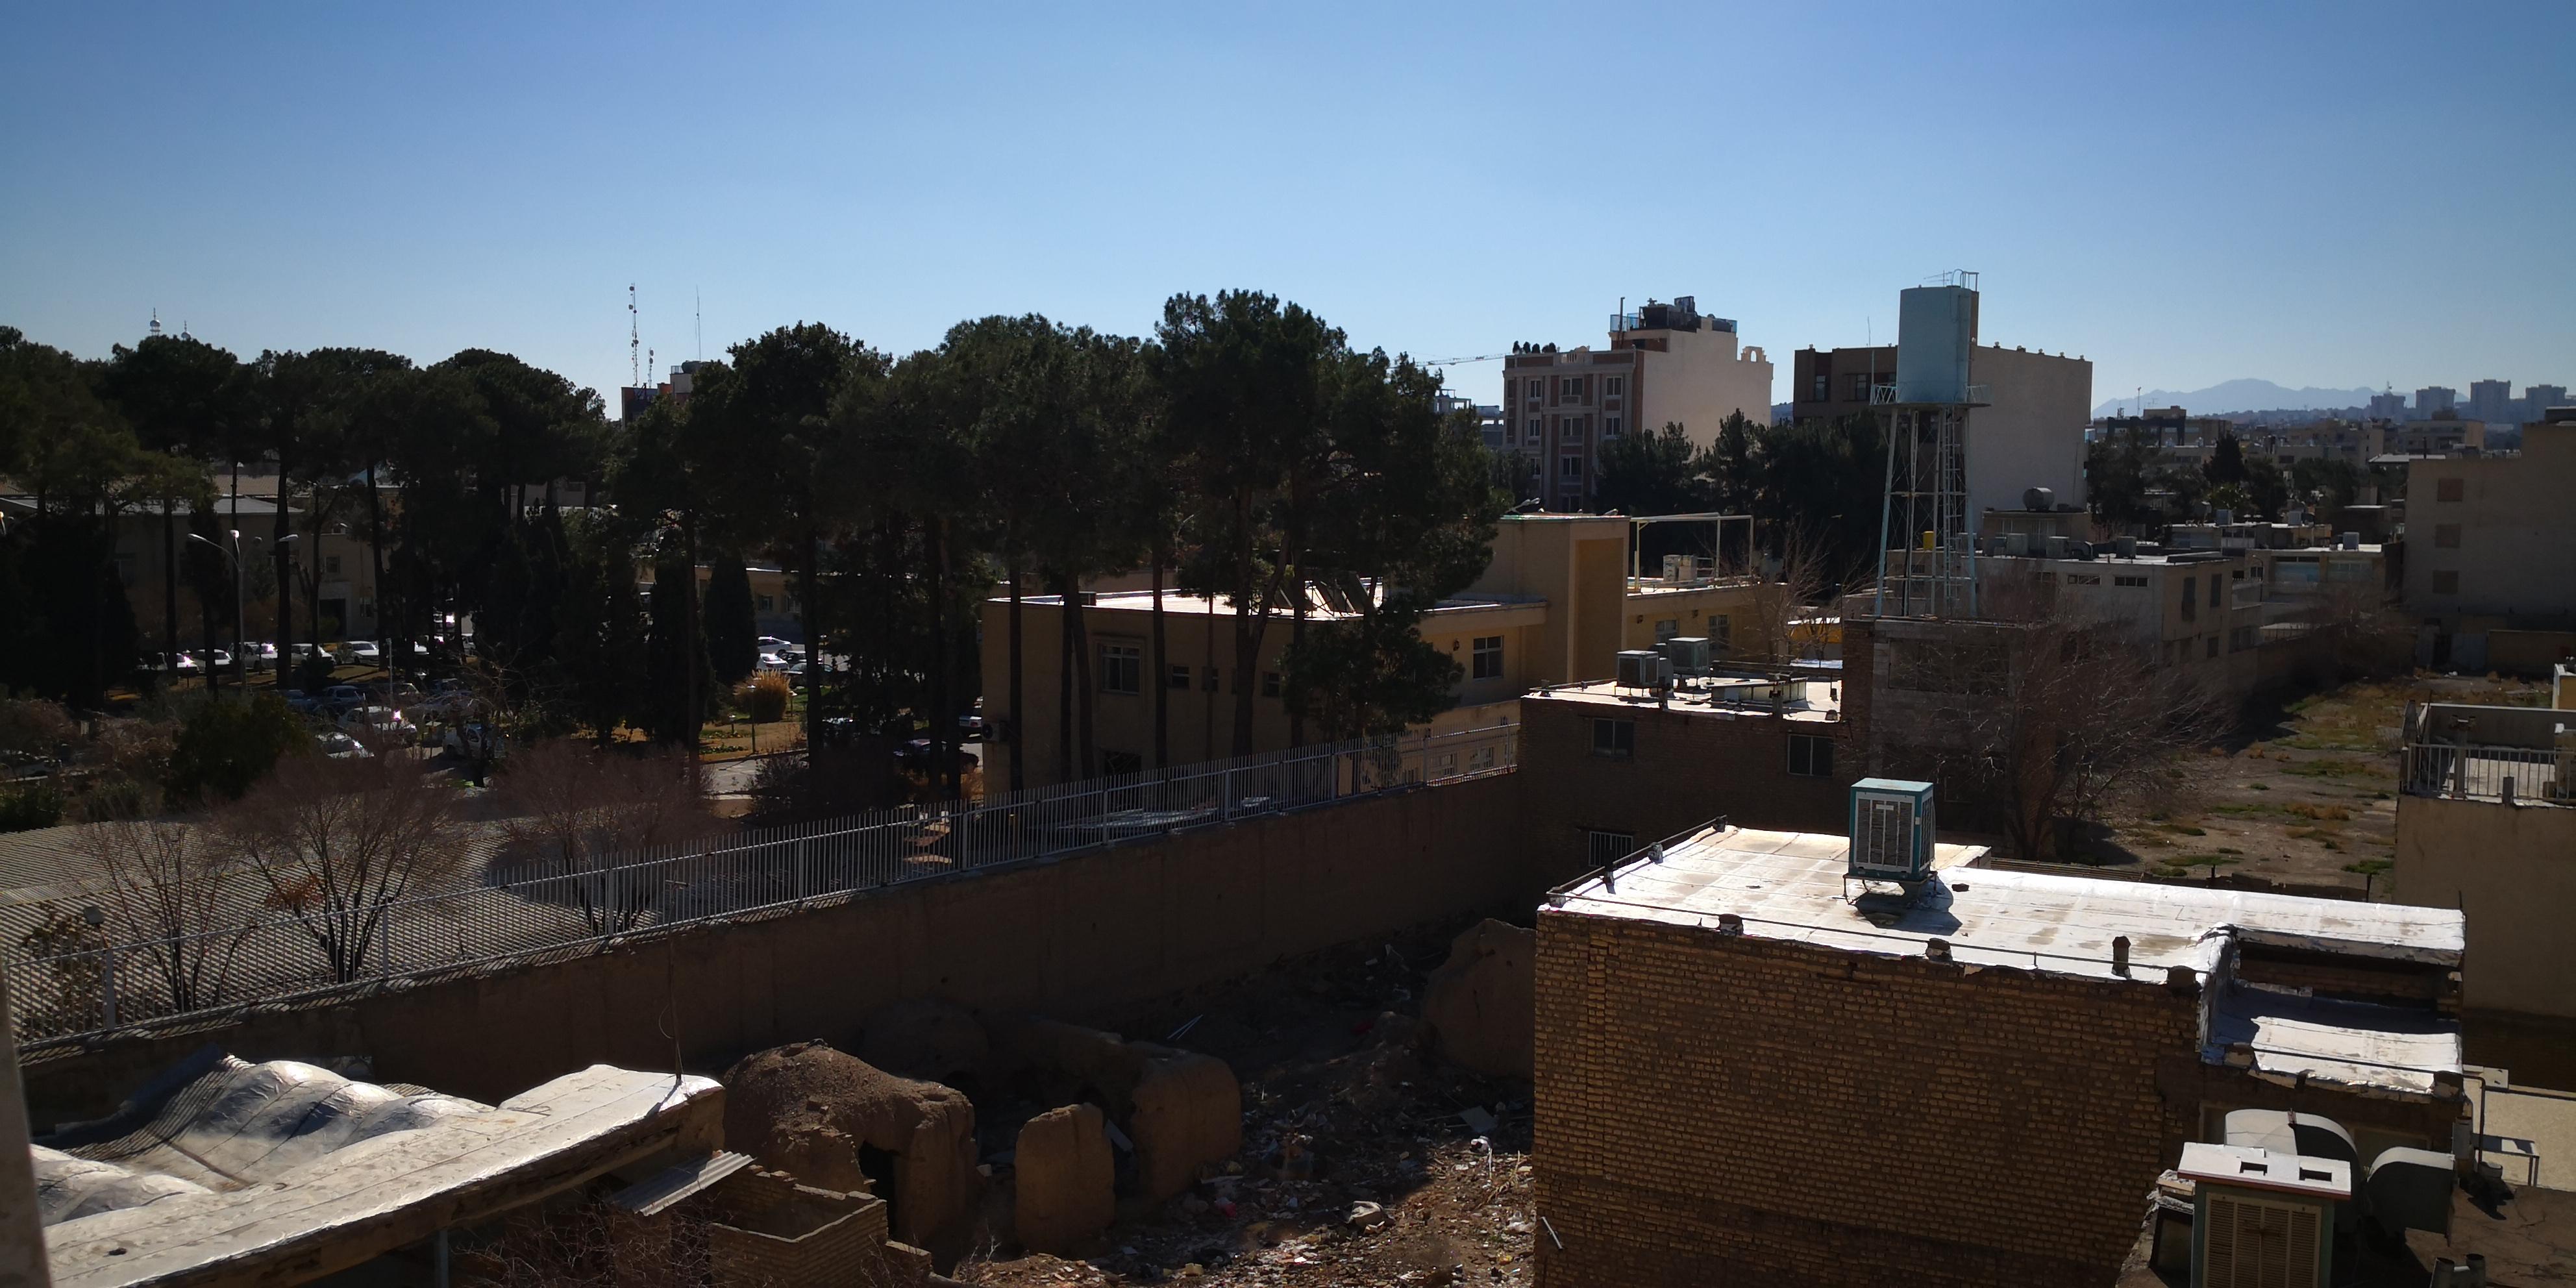 خرید آپارتمان در چهارباغ بالا اصفهان - فروش اپارتمان در اصفهان |سراملک